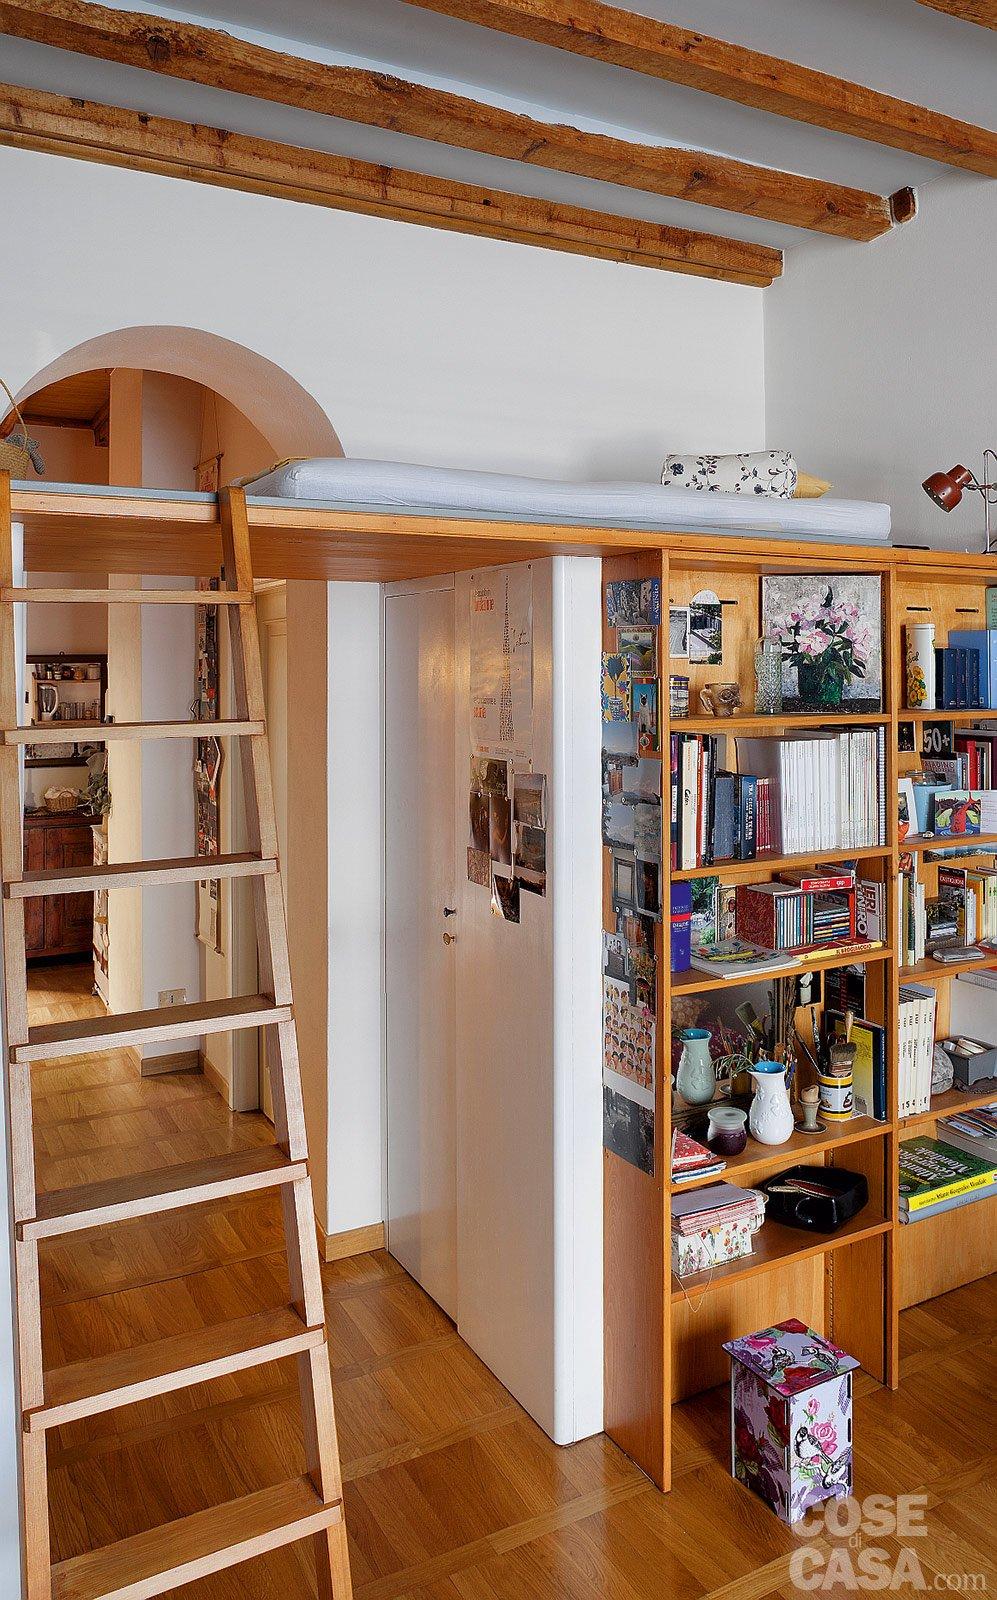 Bilocale di 40 mq una casa fai da te cose di casa for Piani casa piccola casetta con soppalco